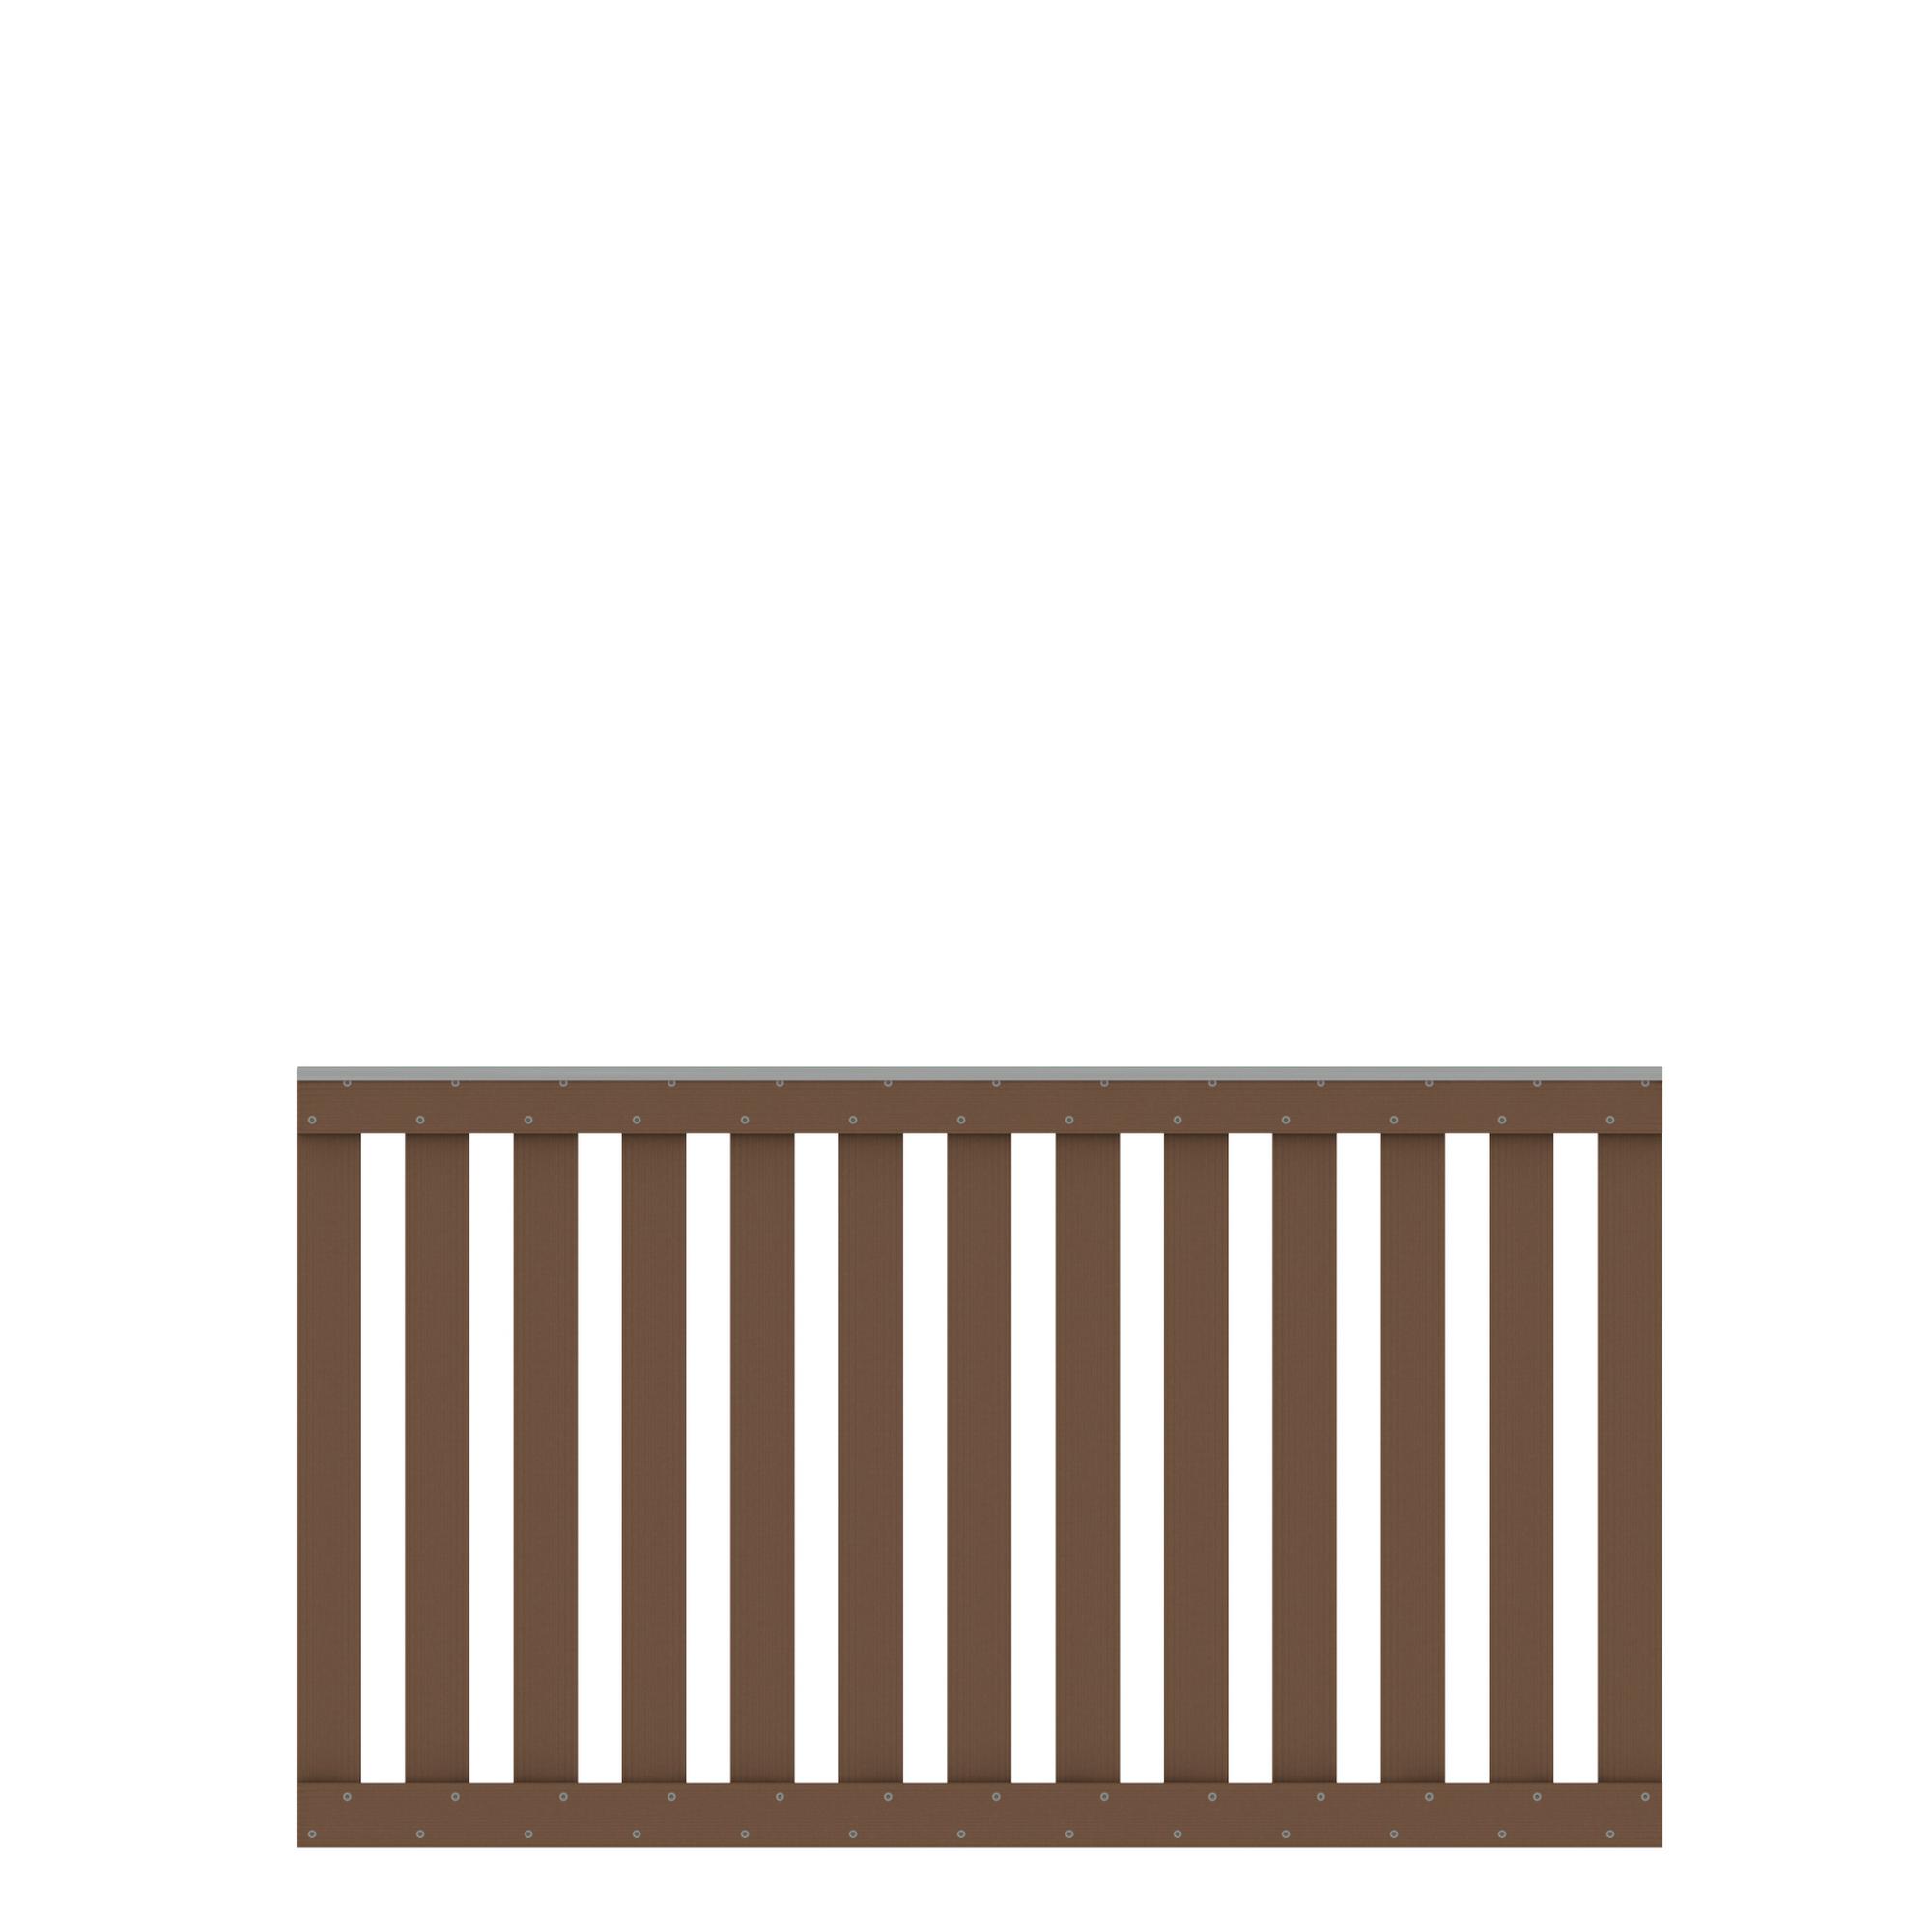 Vorgarten Zaunserie Raja Wpc ǀ Toom Baumarkt